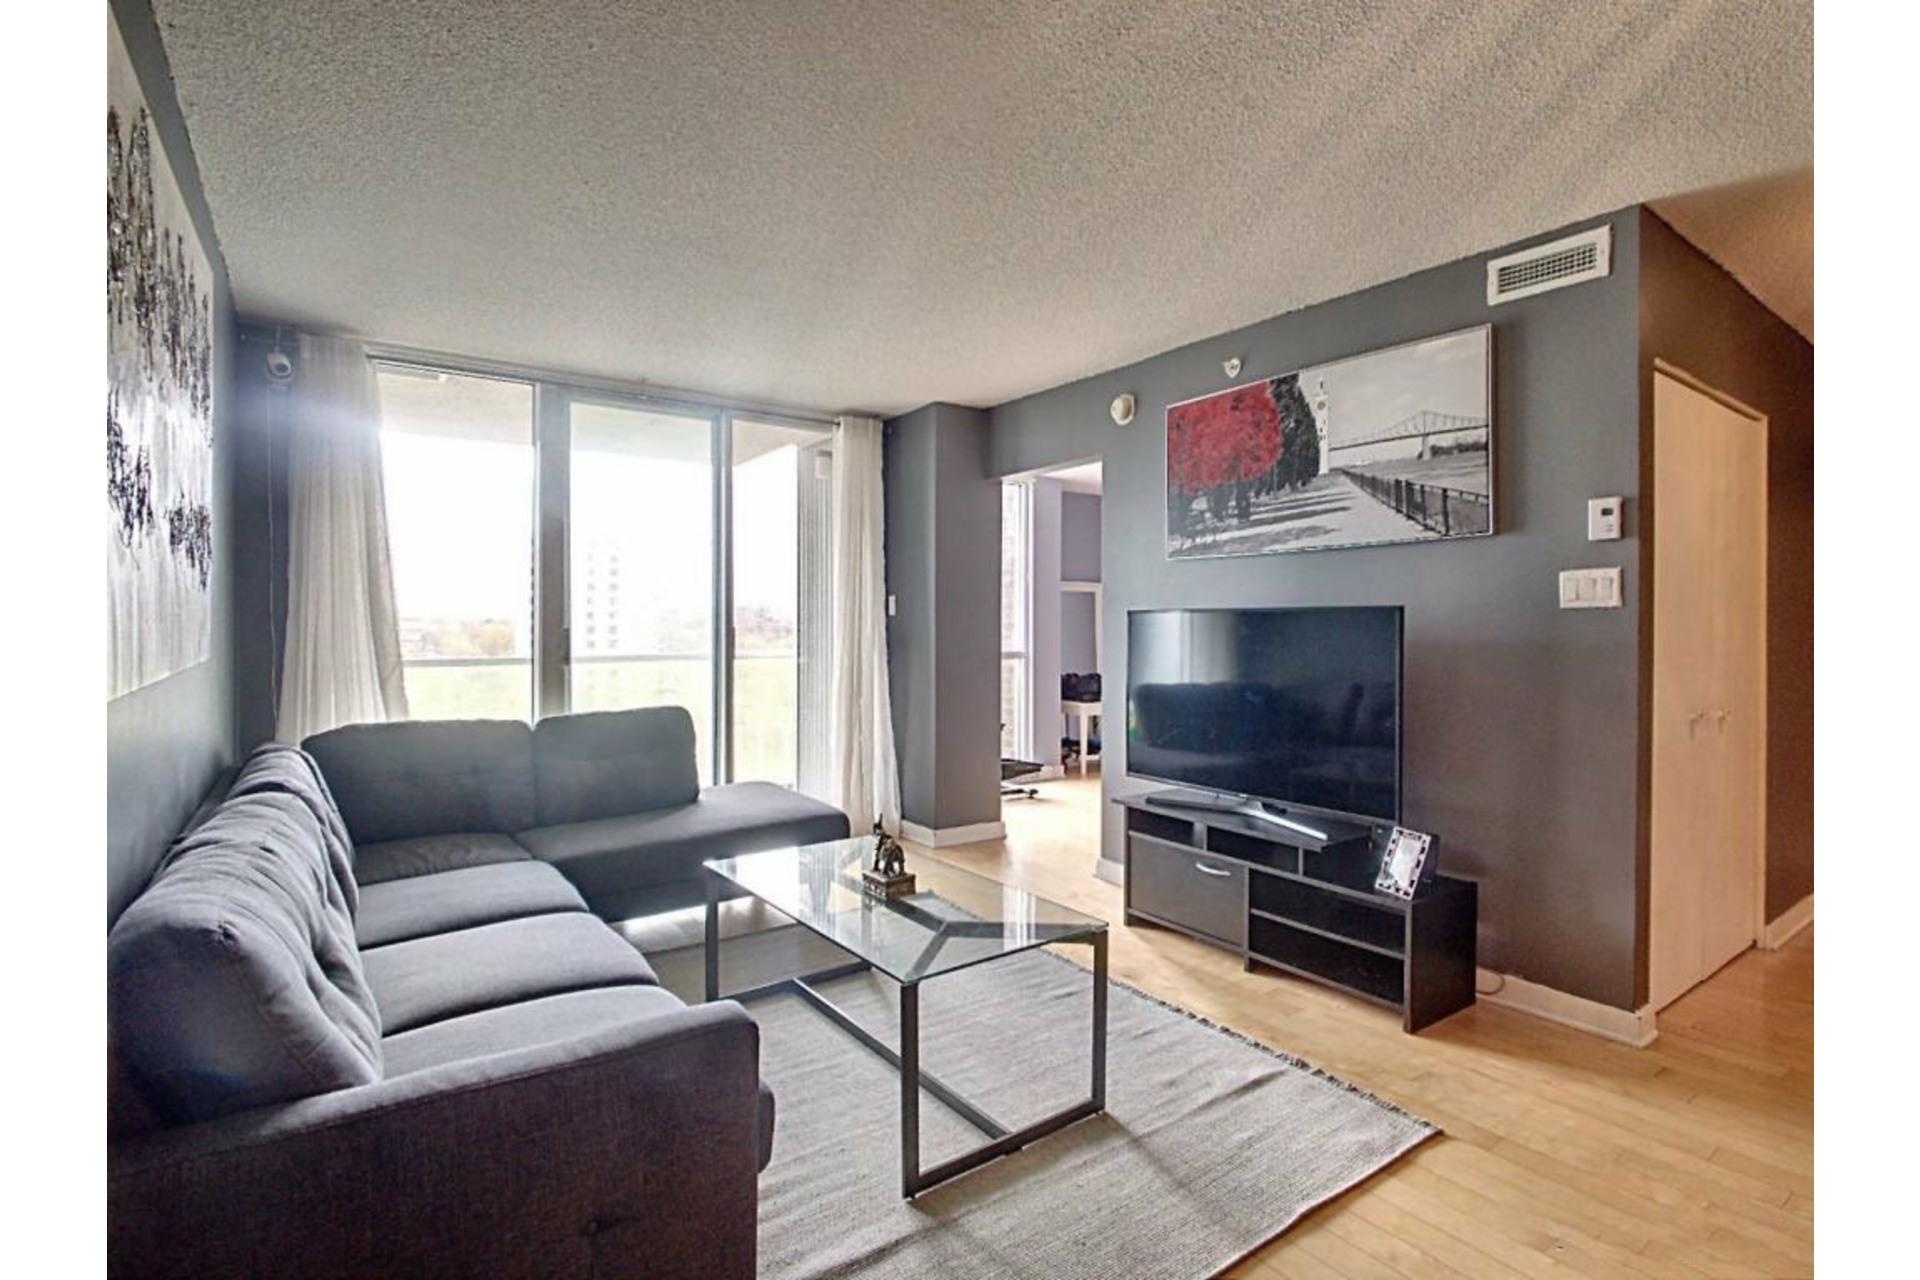 image 5 - Apartment For sale Ahuntsic-Cartierville Montréal  - 6 rooms